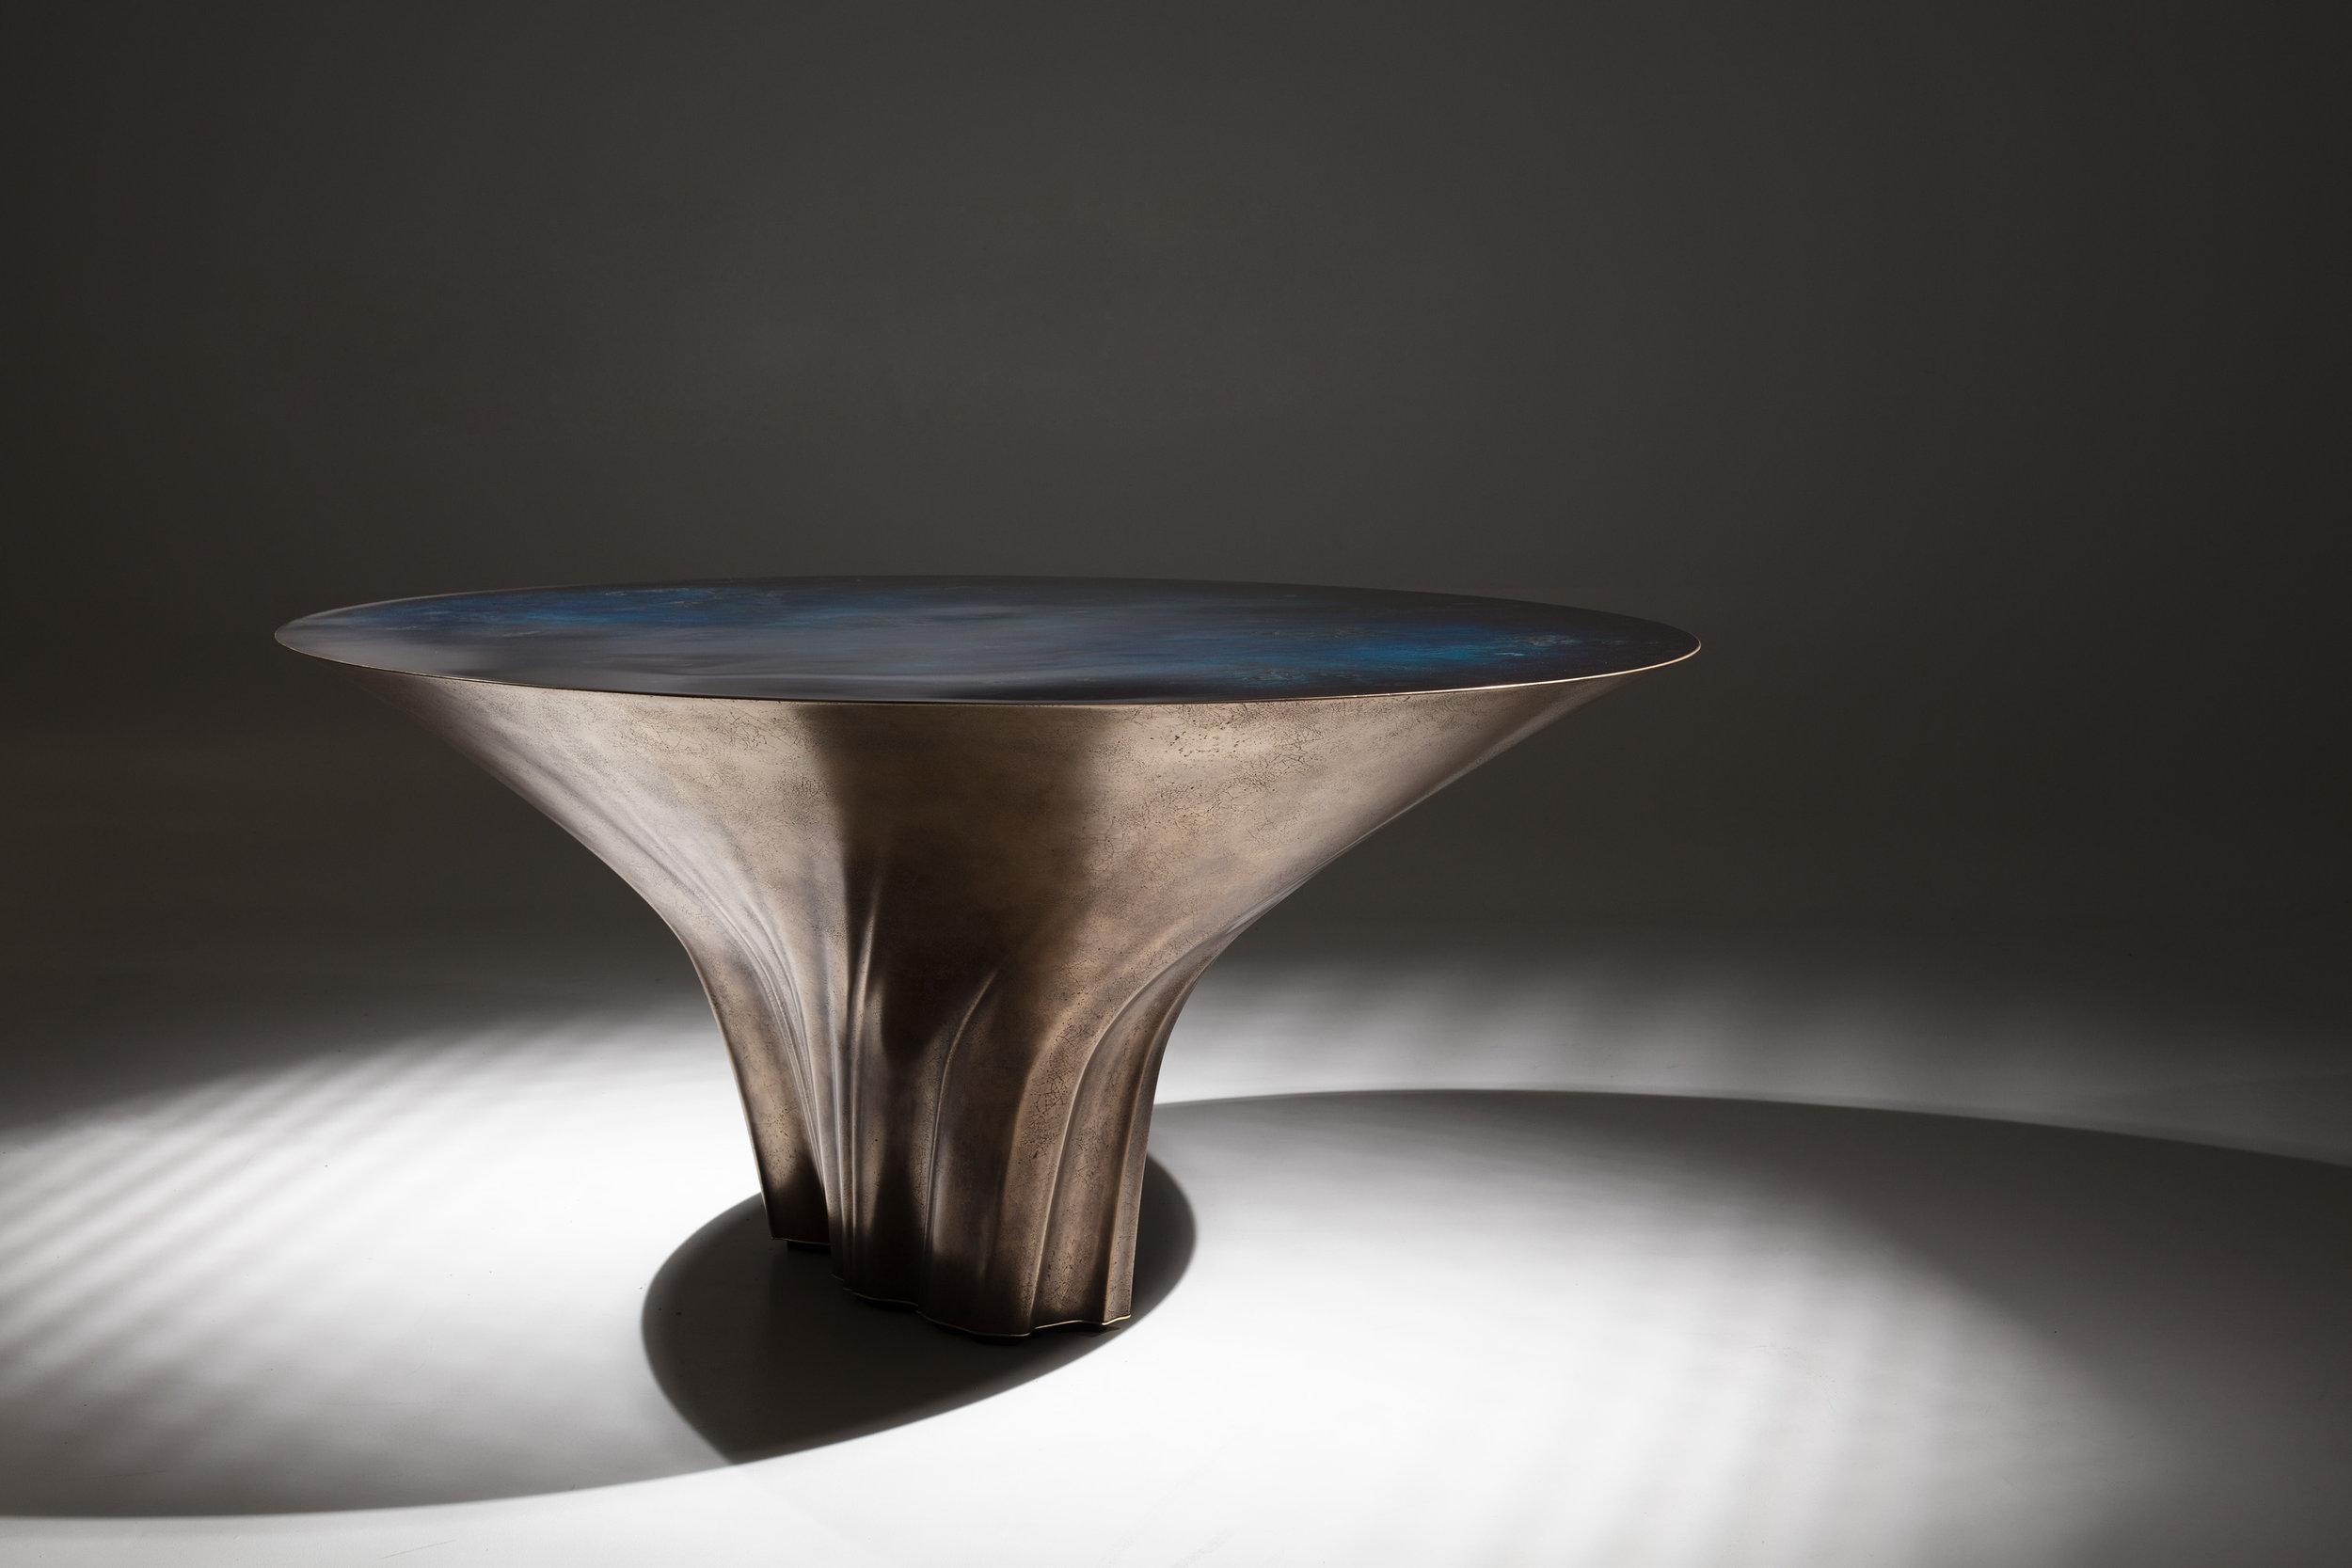 bu_01156_elipse table_03.jpg